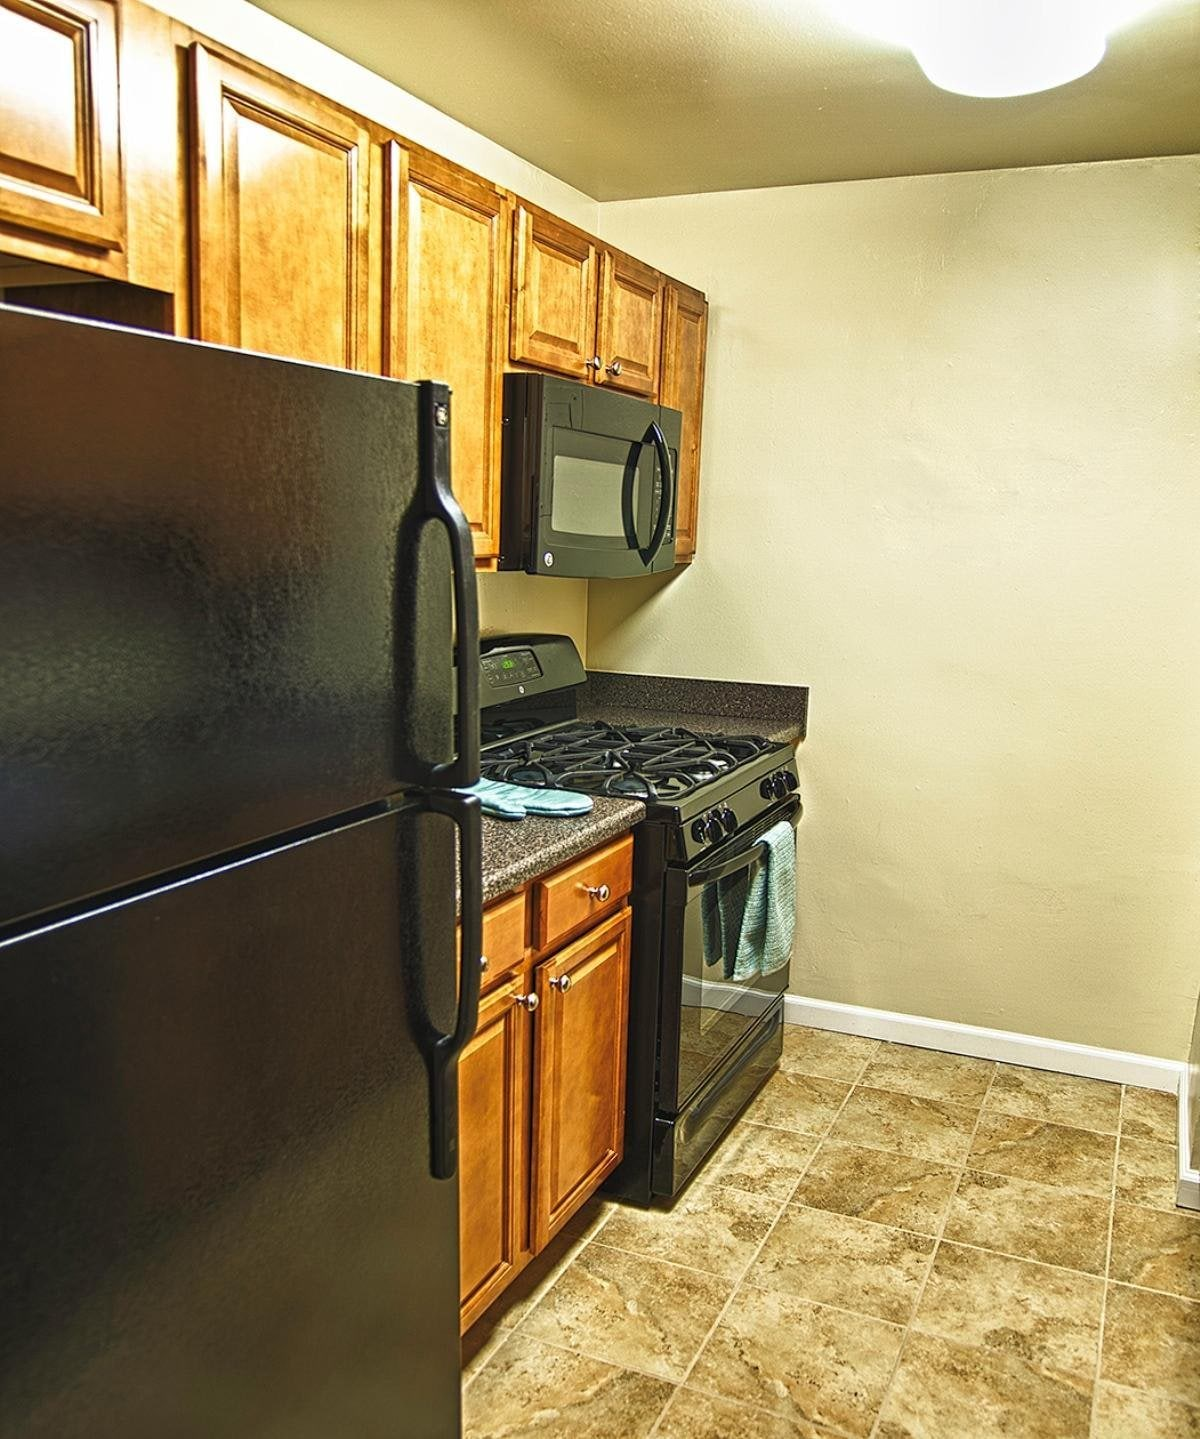 Arlington, VA Apartments For Rent